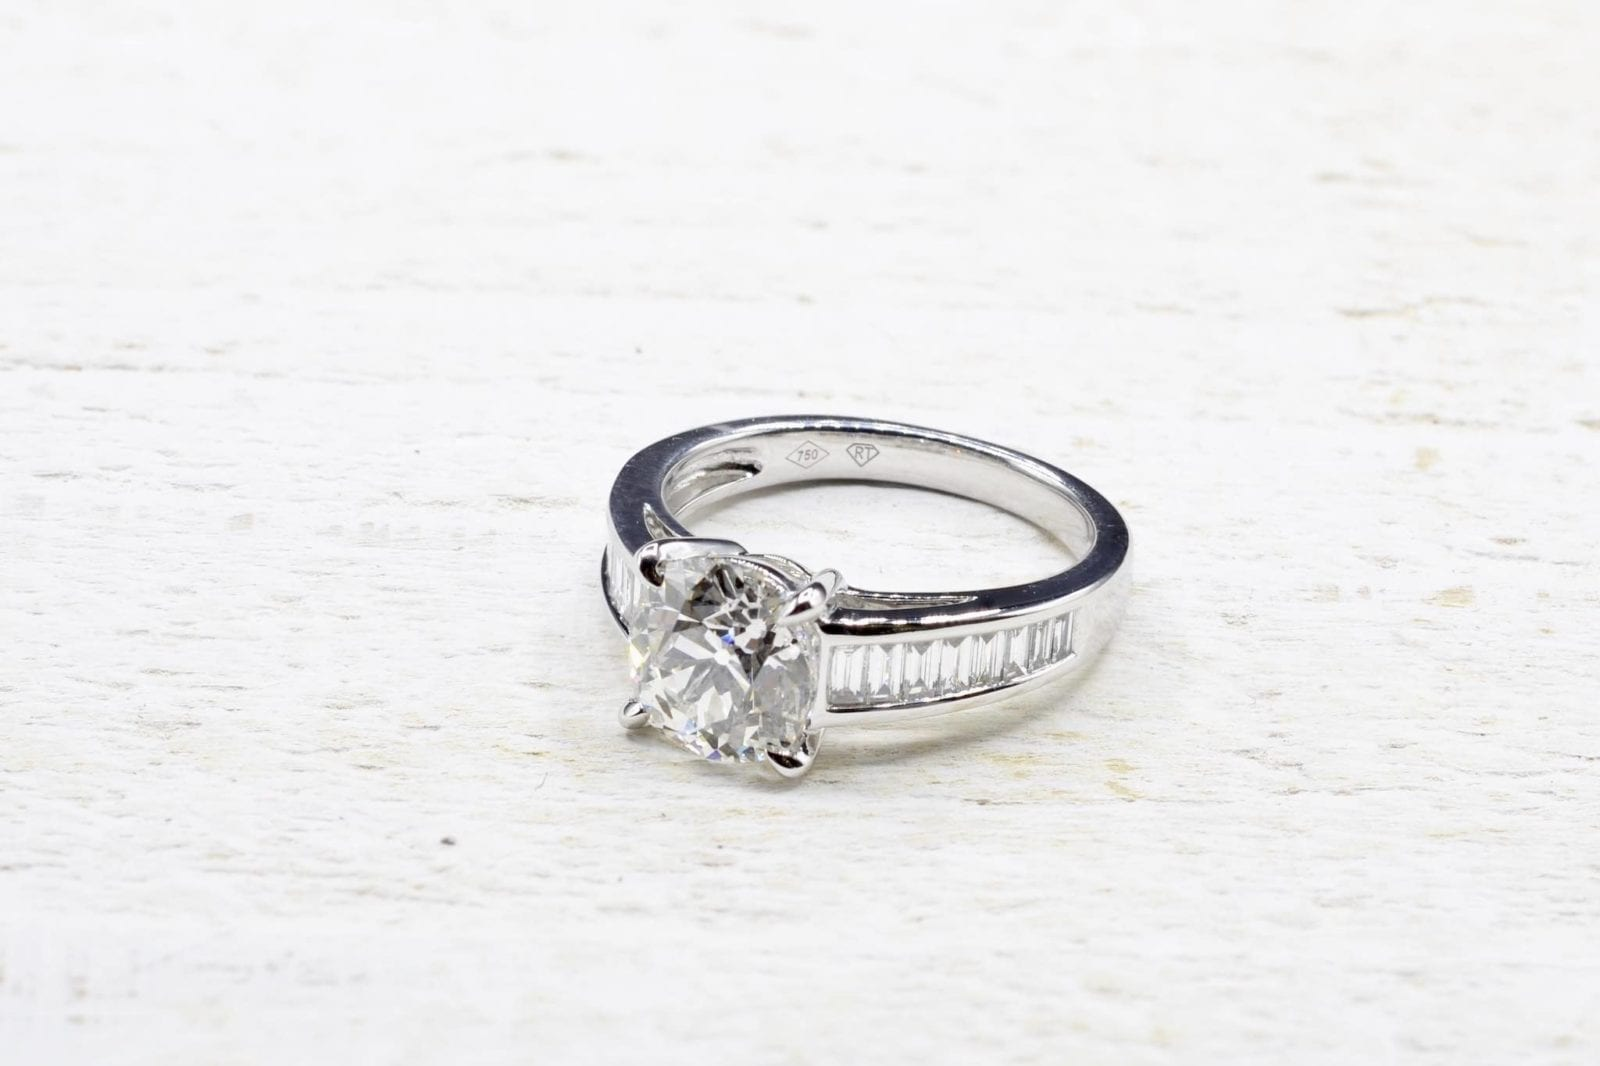 Bague solitaire diamant en or blanc 18k